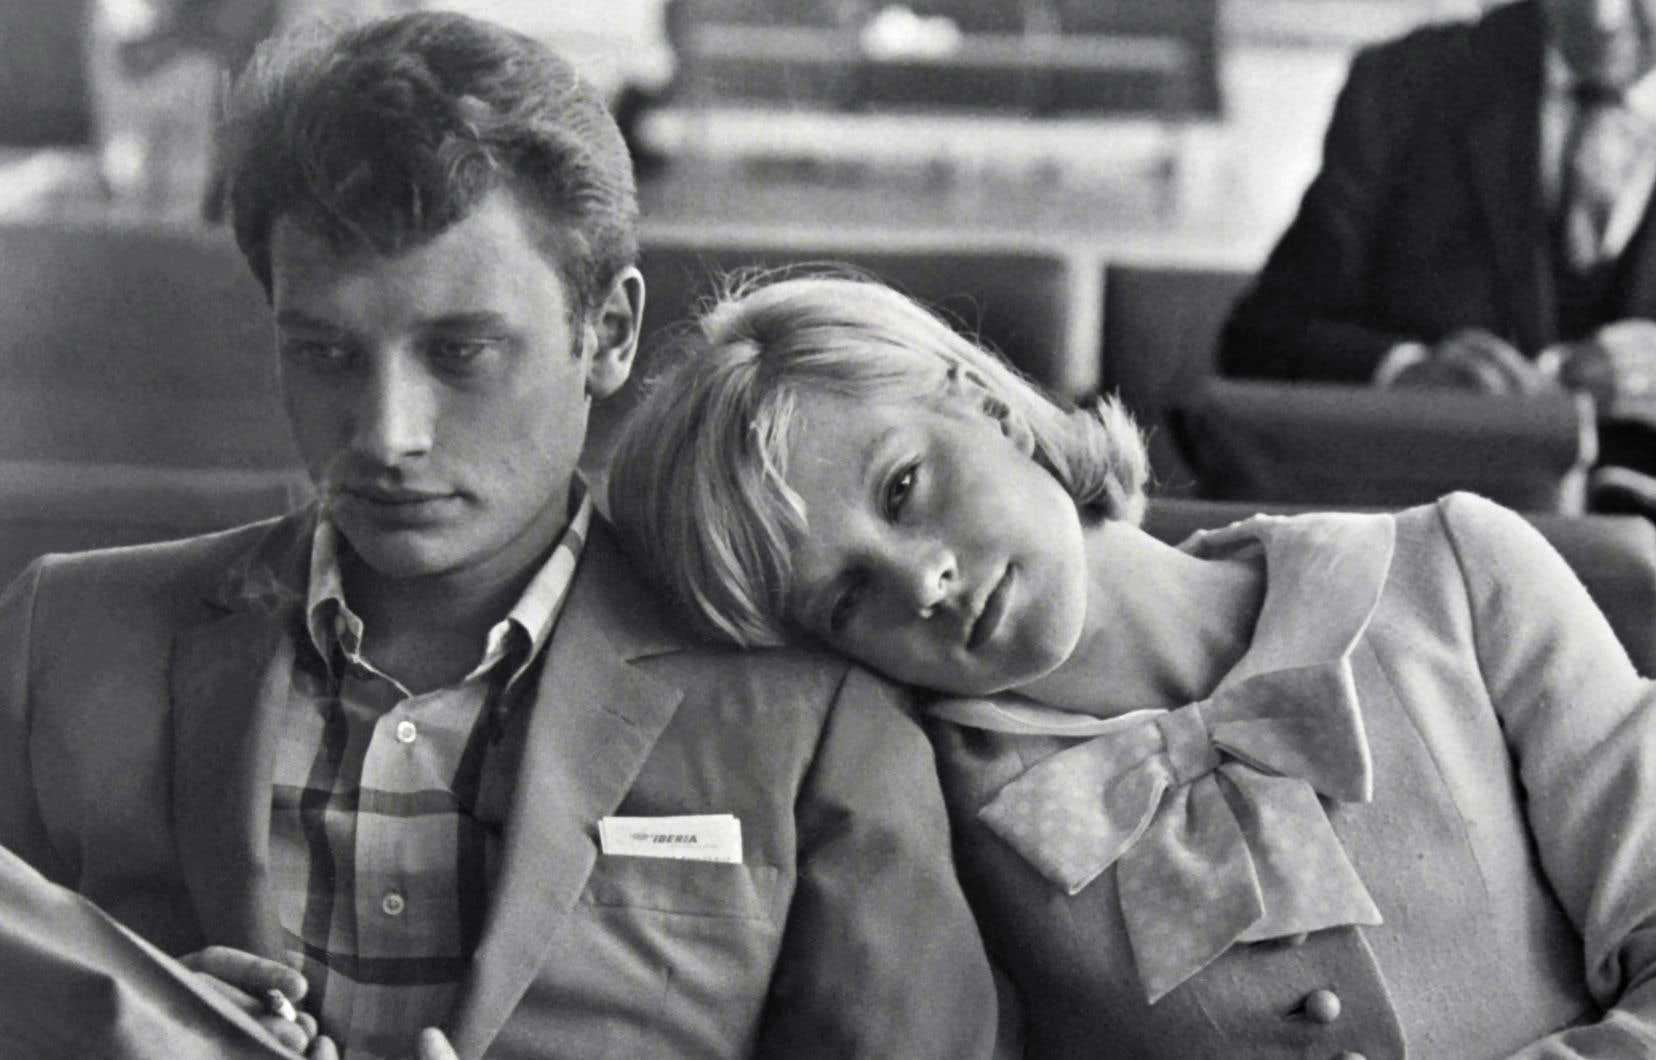 «Dans le spectacle, j'ai voulu montrer Johnny à un moment de sa vie où il était beau et jeune, où nous étions tous les deux presque des enfants, au départ de nos vies.» Ici, les nouveaux mariés photographiés en 1965.